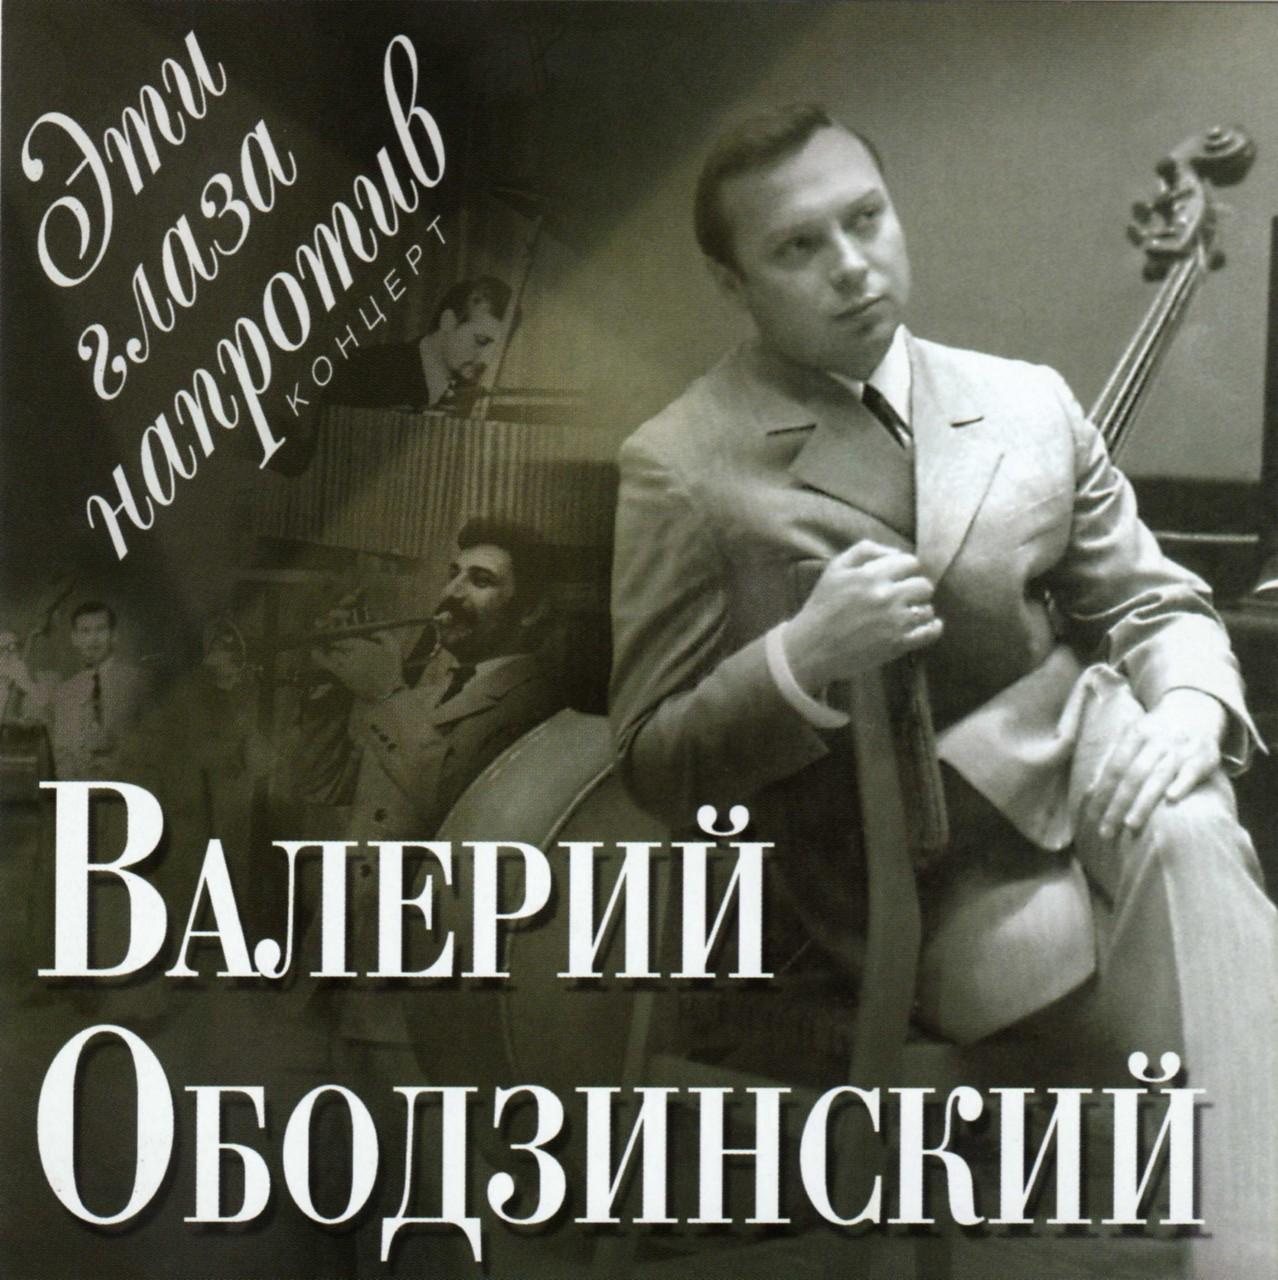 Валерий Ободзинский - отрада души нашей молодости...